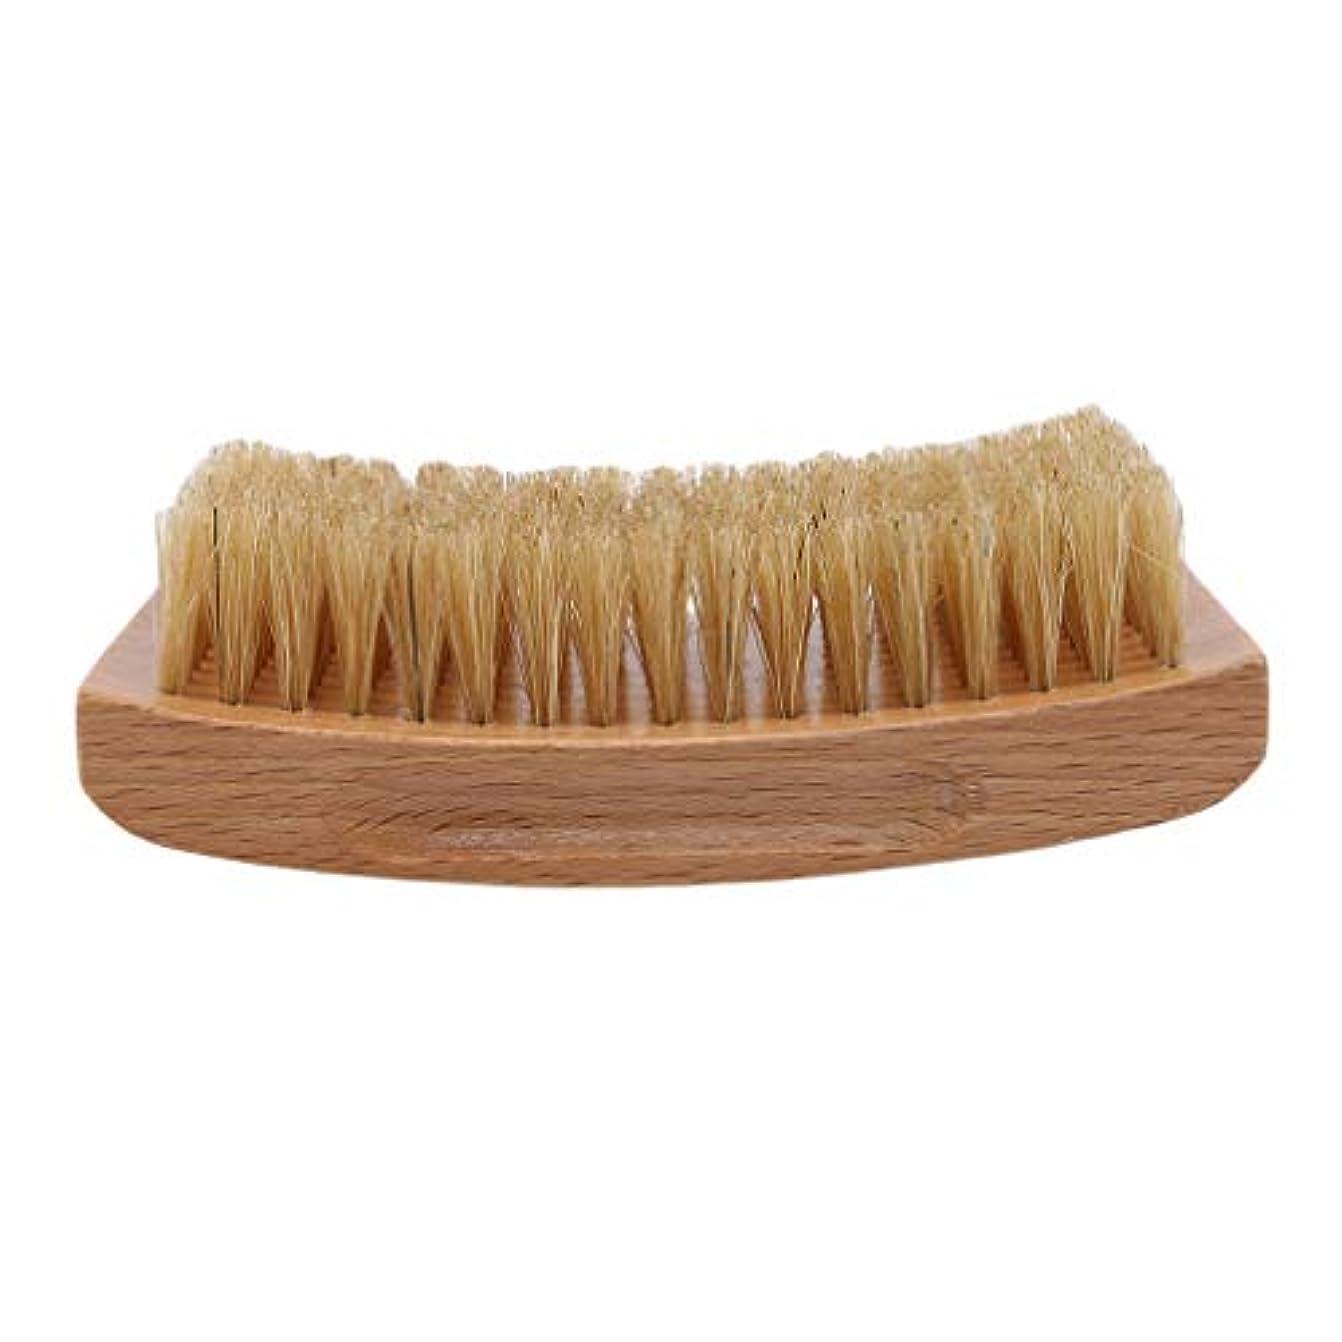 リンスリーチ保証金Largesoy ひげブラシ シェービングブラシ 理容 洗顔 髭剃り 泡立ち ひげ剃り 美容ツール シェービング用アクセサリー 1#